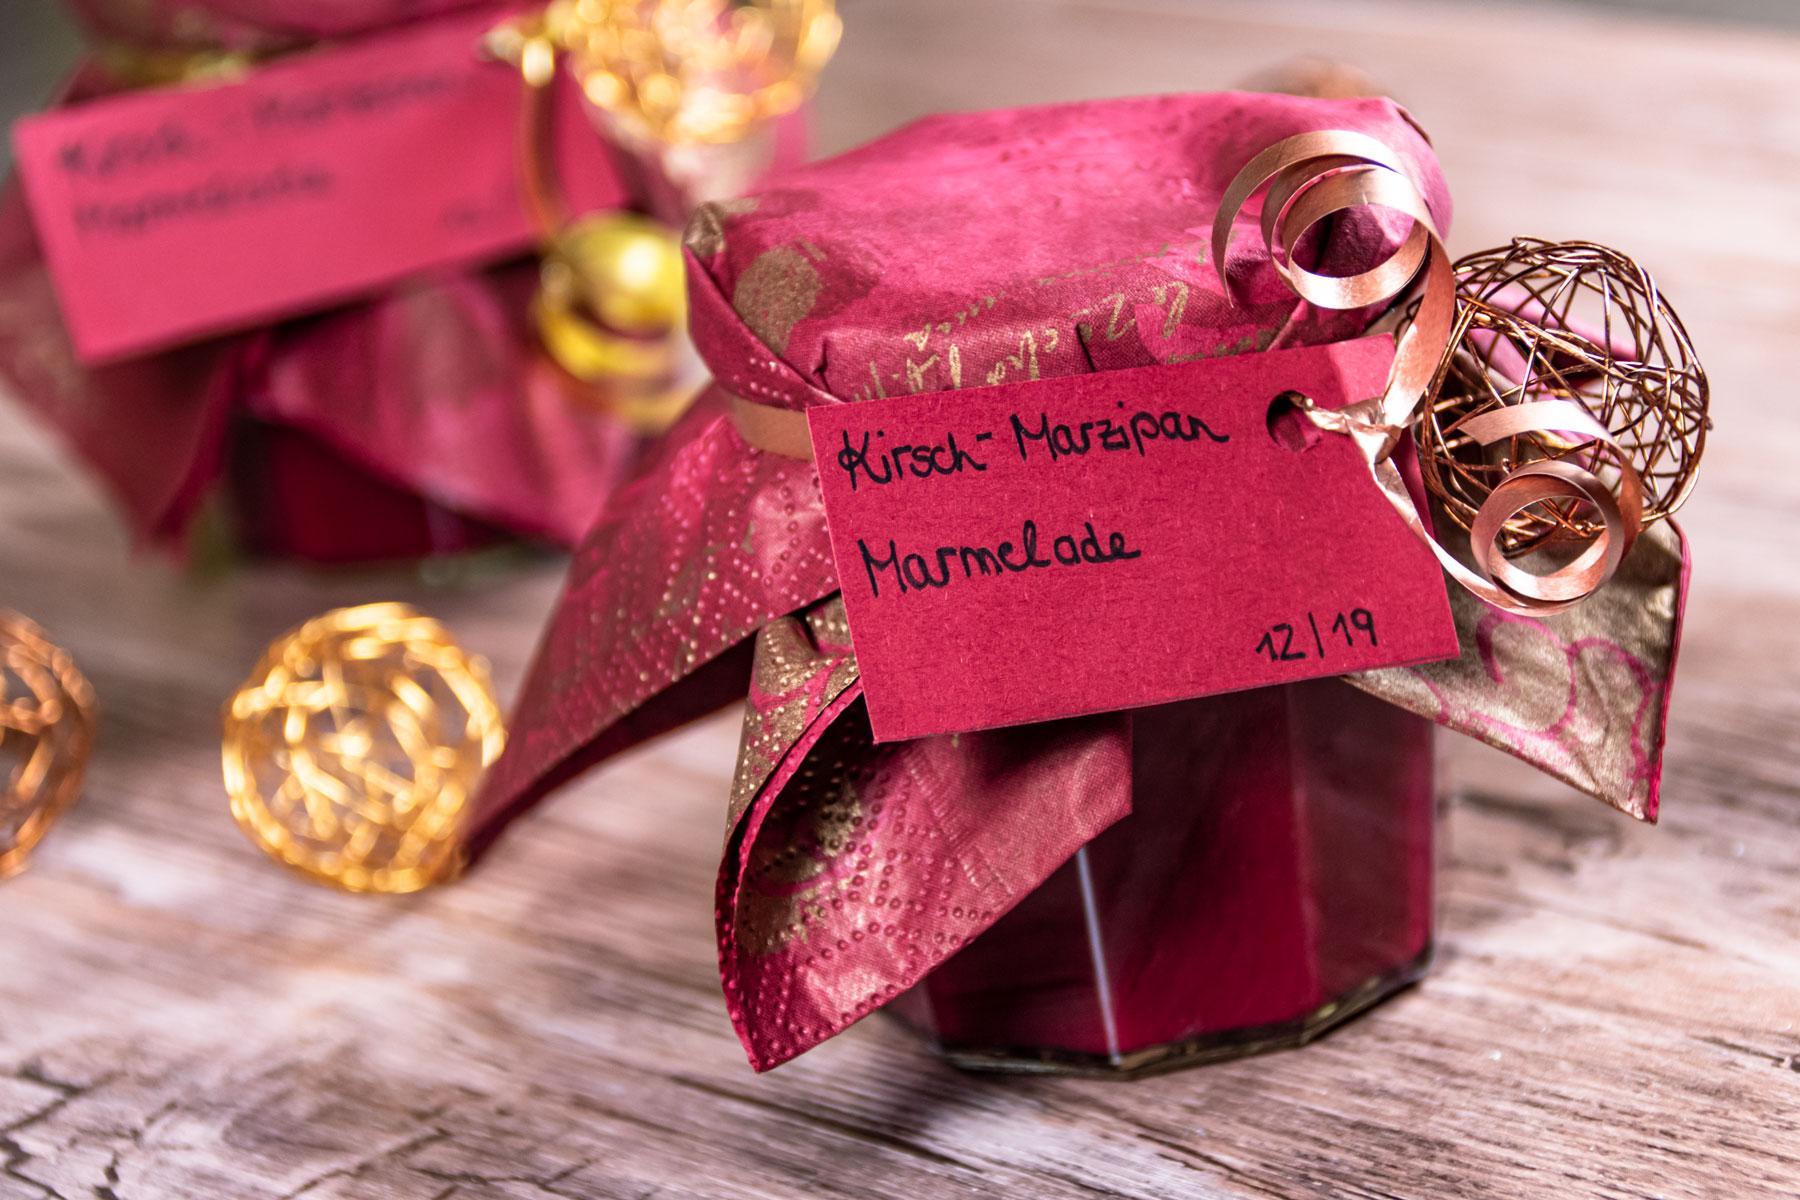 Kirsch Marzipan Marmelade